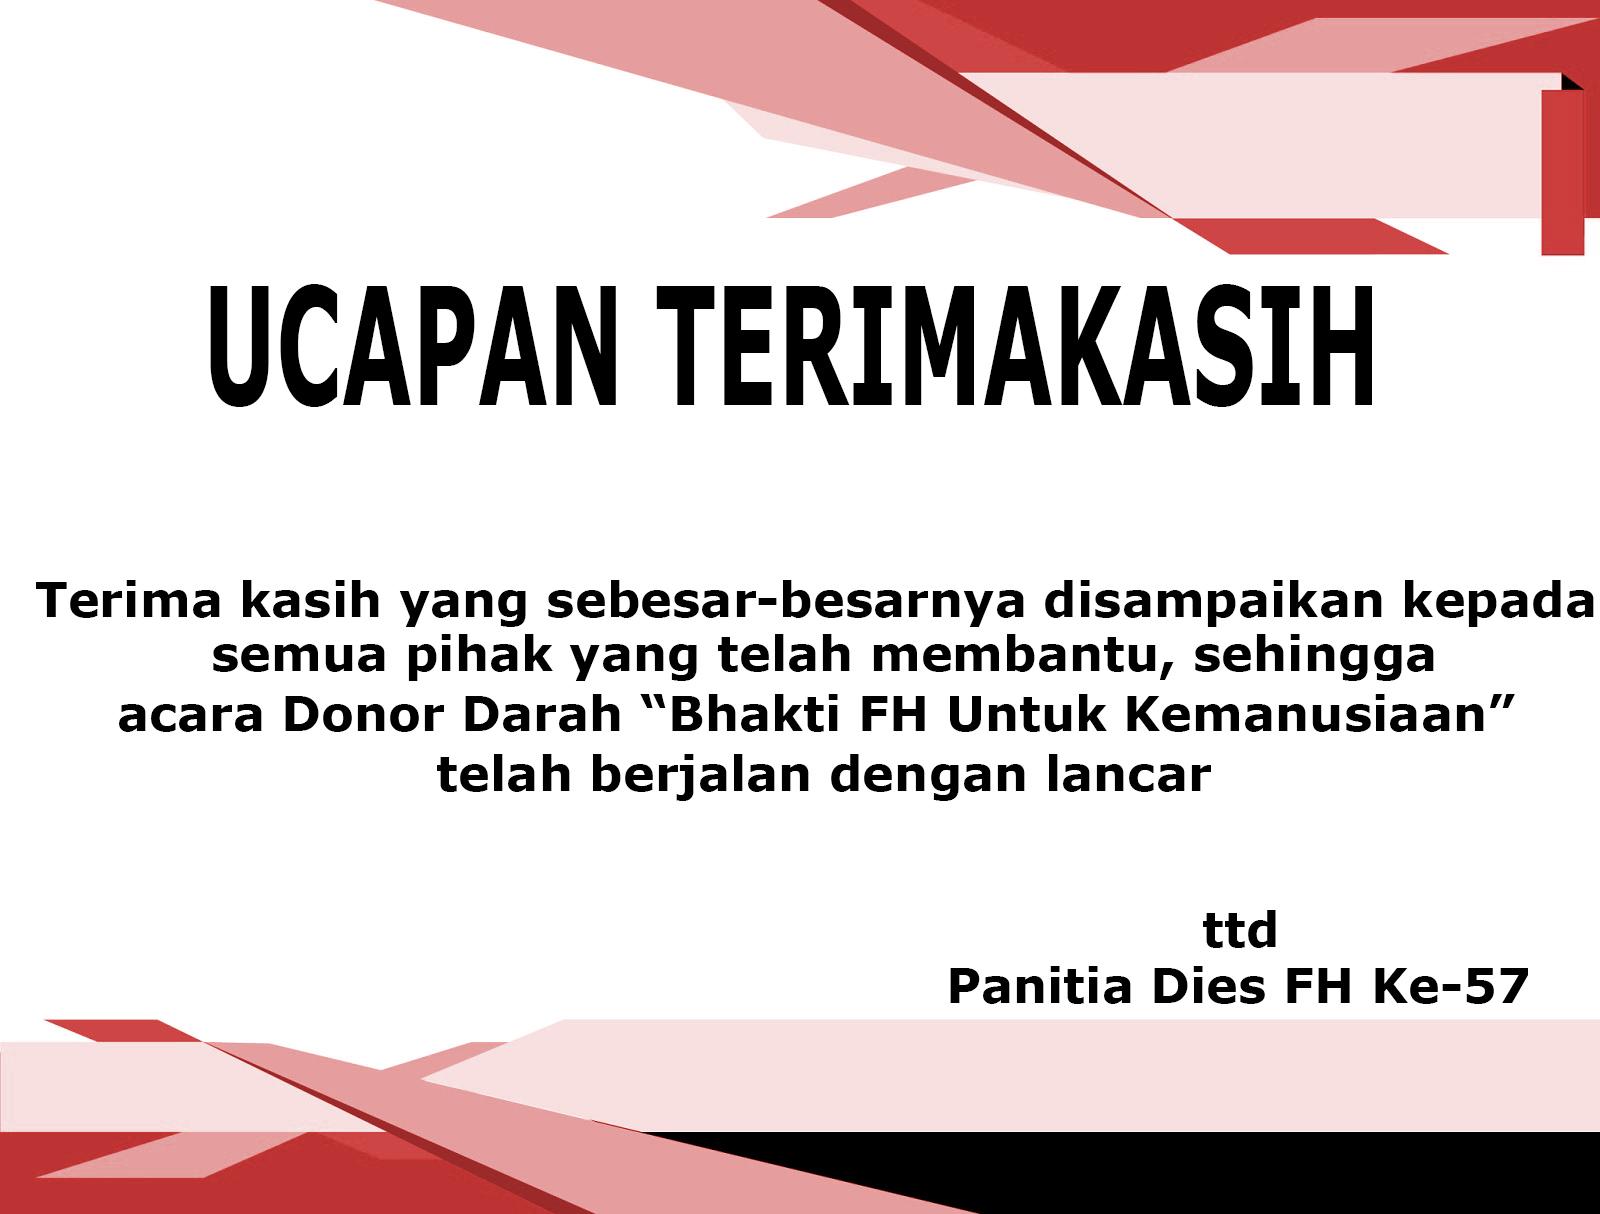 Ucapan Terimakasih Uta 45 Jakarta